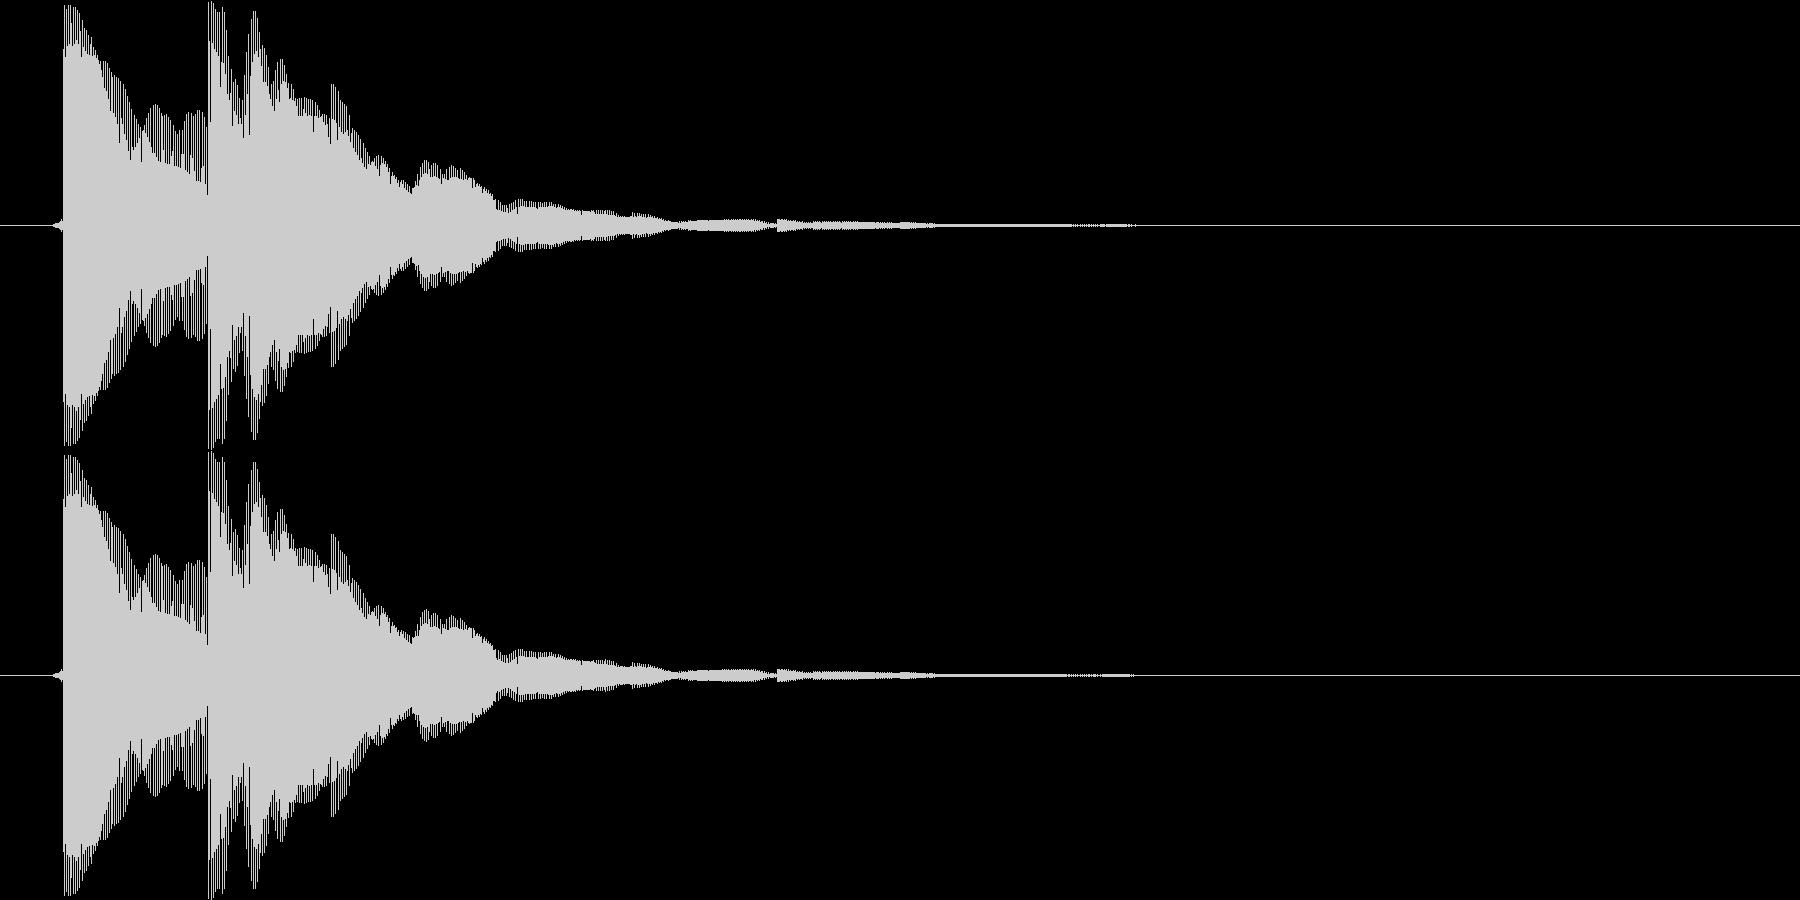 ピコン(矢印、目的地、単発、注目)の未再生の波形